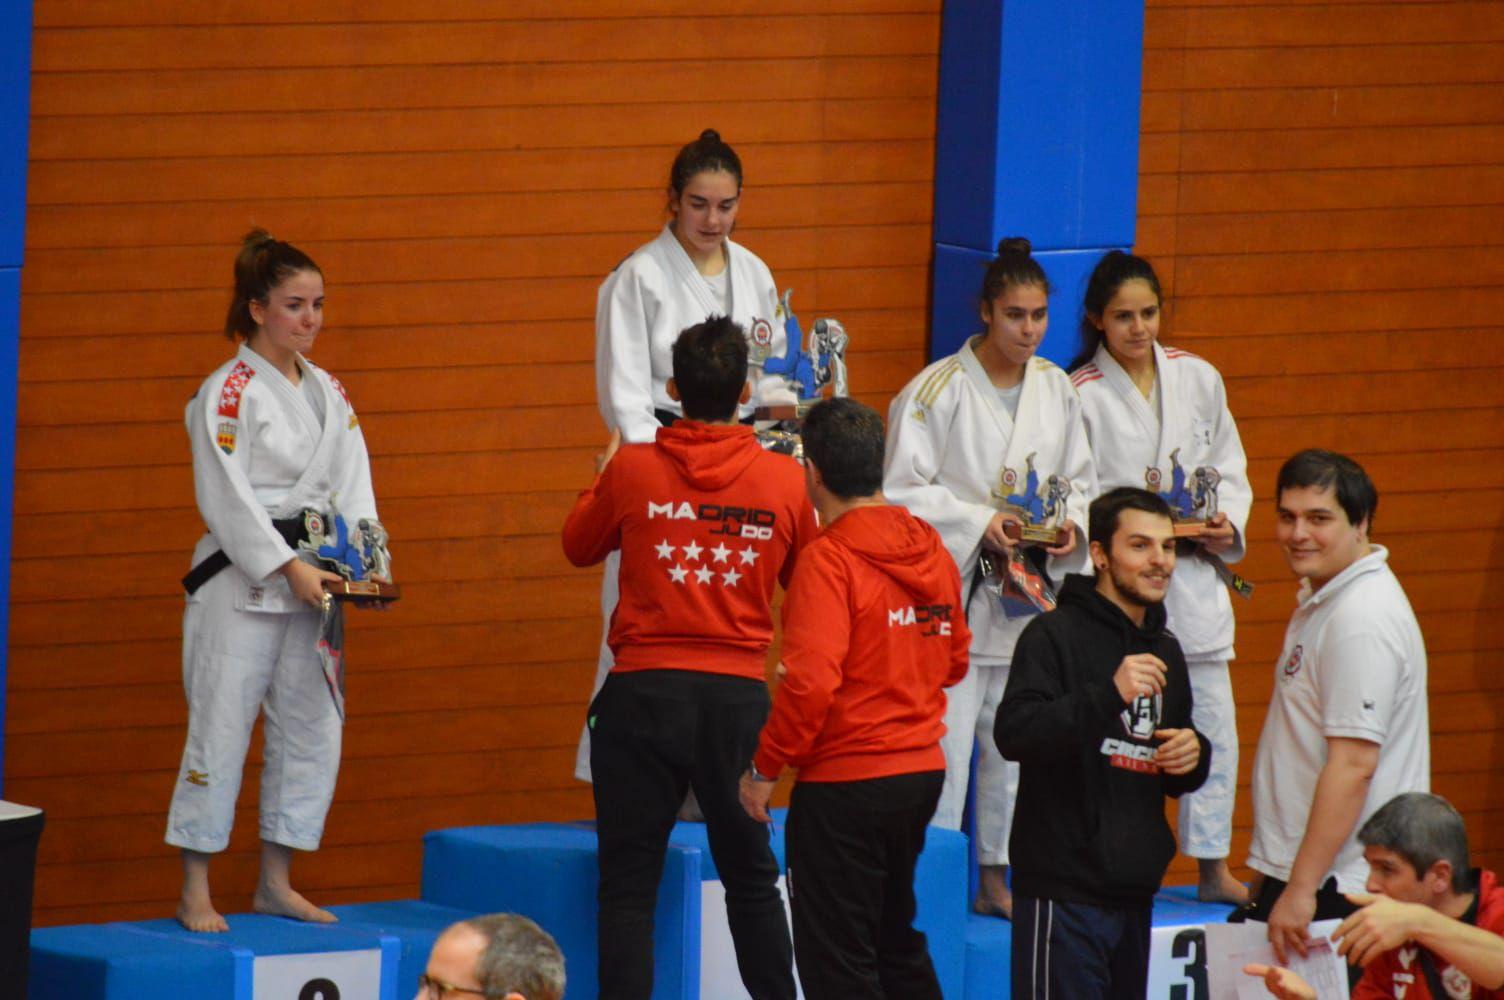 Campeonato de Madrid Judo categoría junior